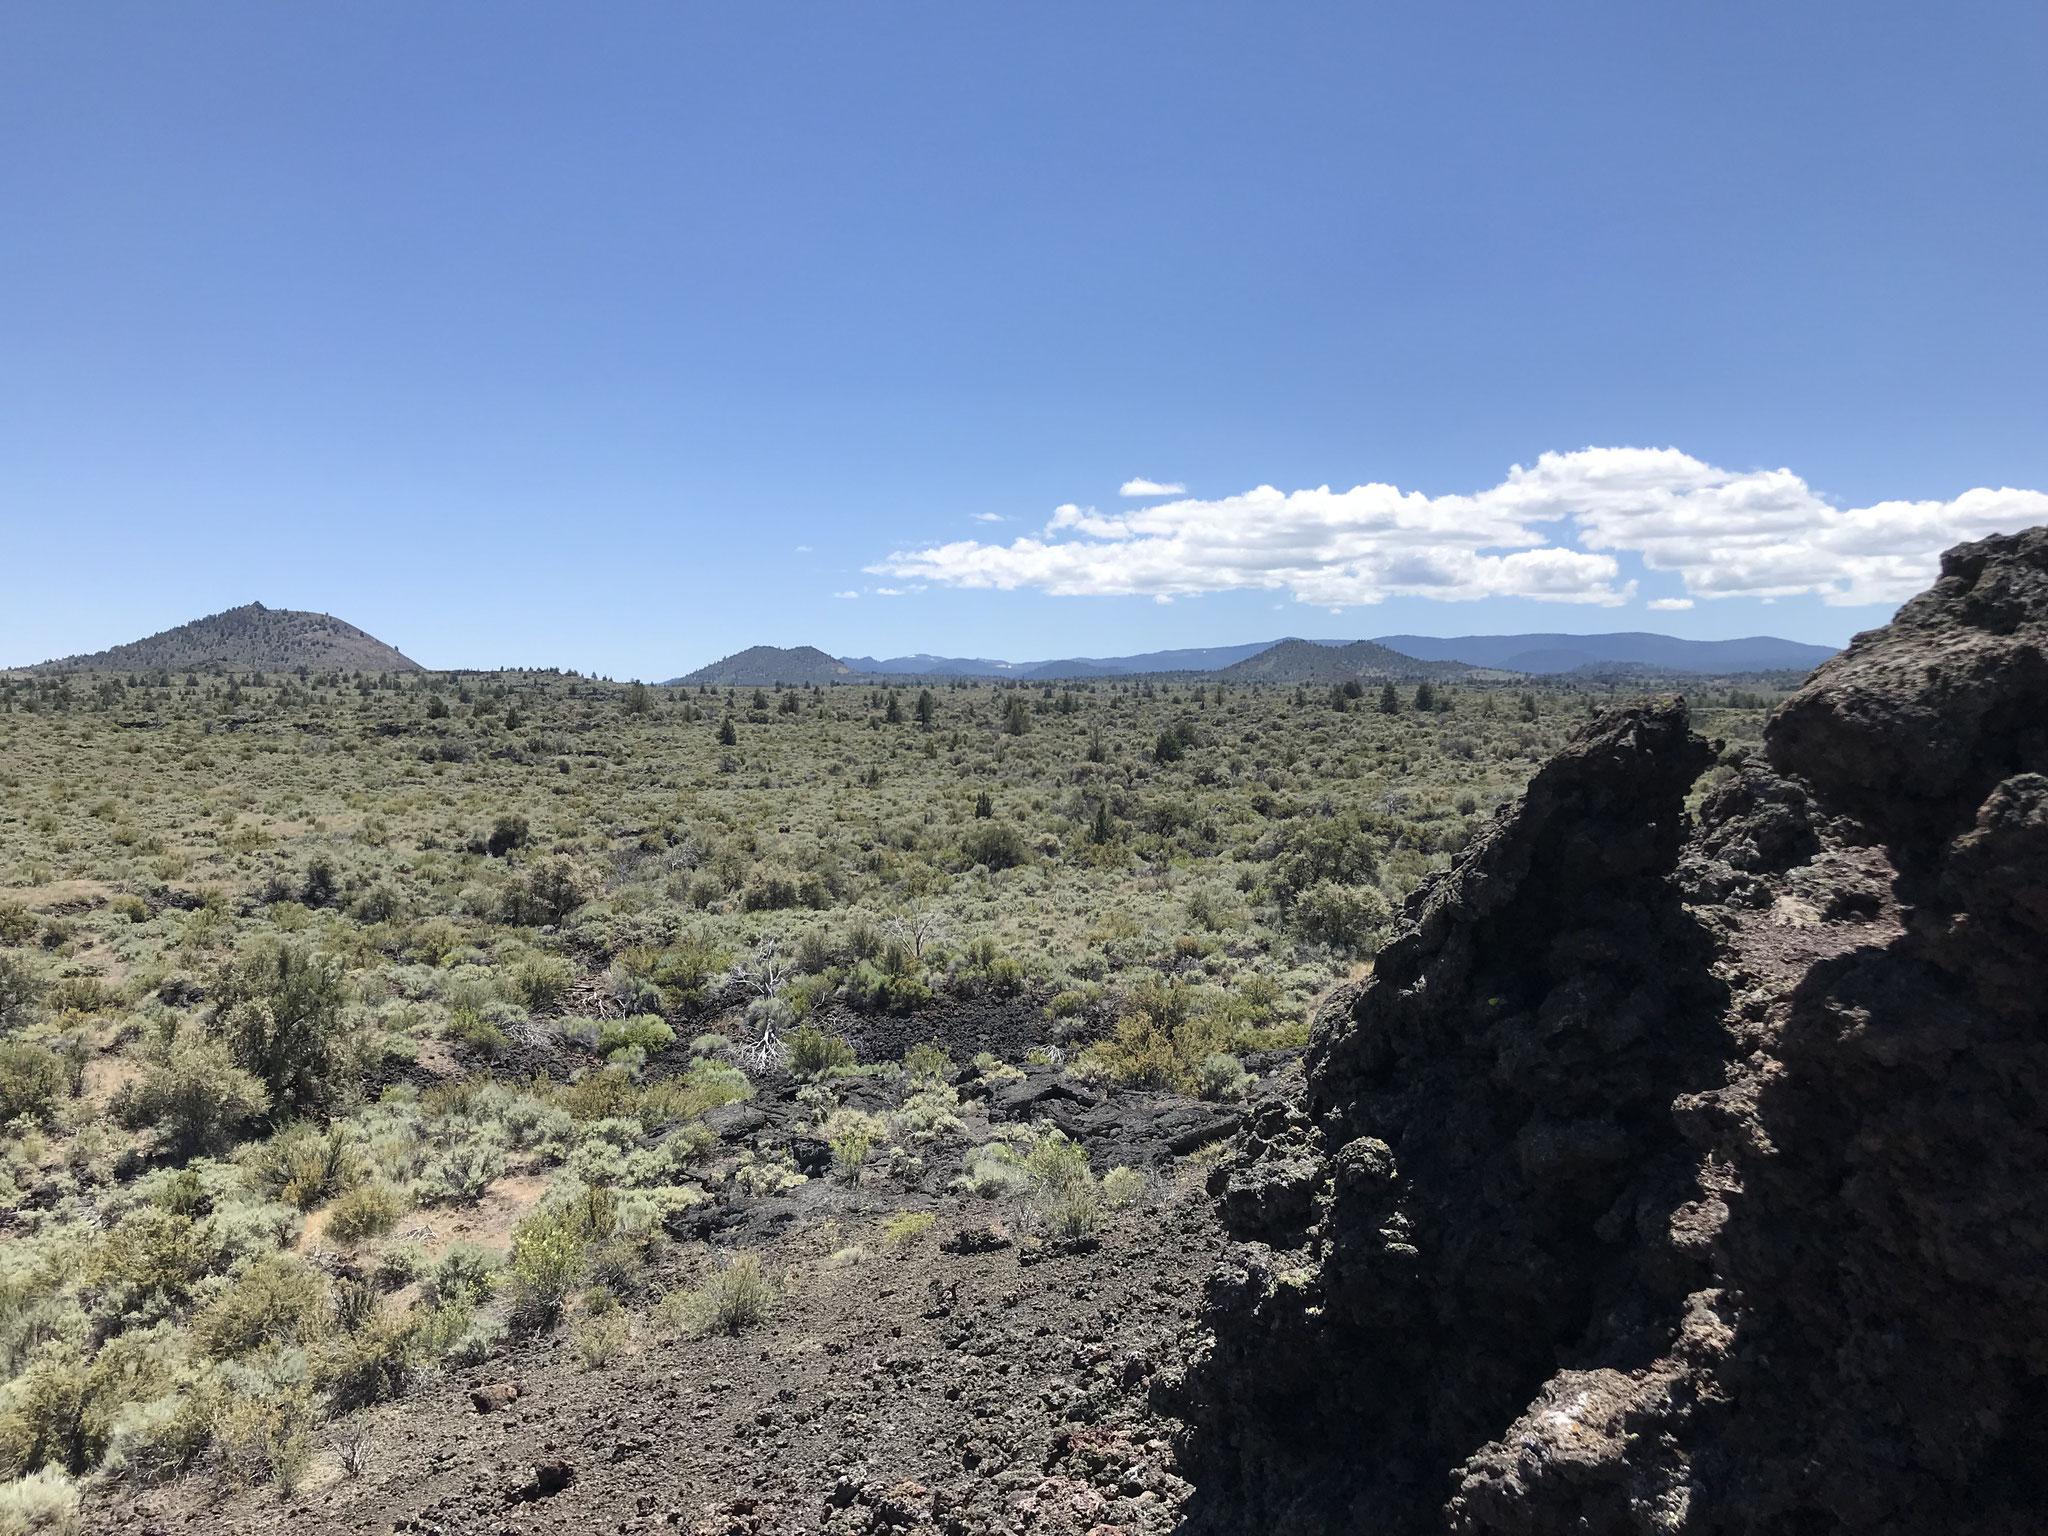 Weitblick zu vielen Vulkanhügeln im Gebiet.